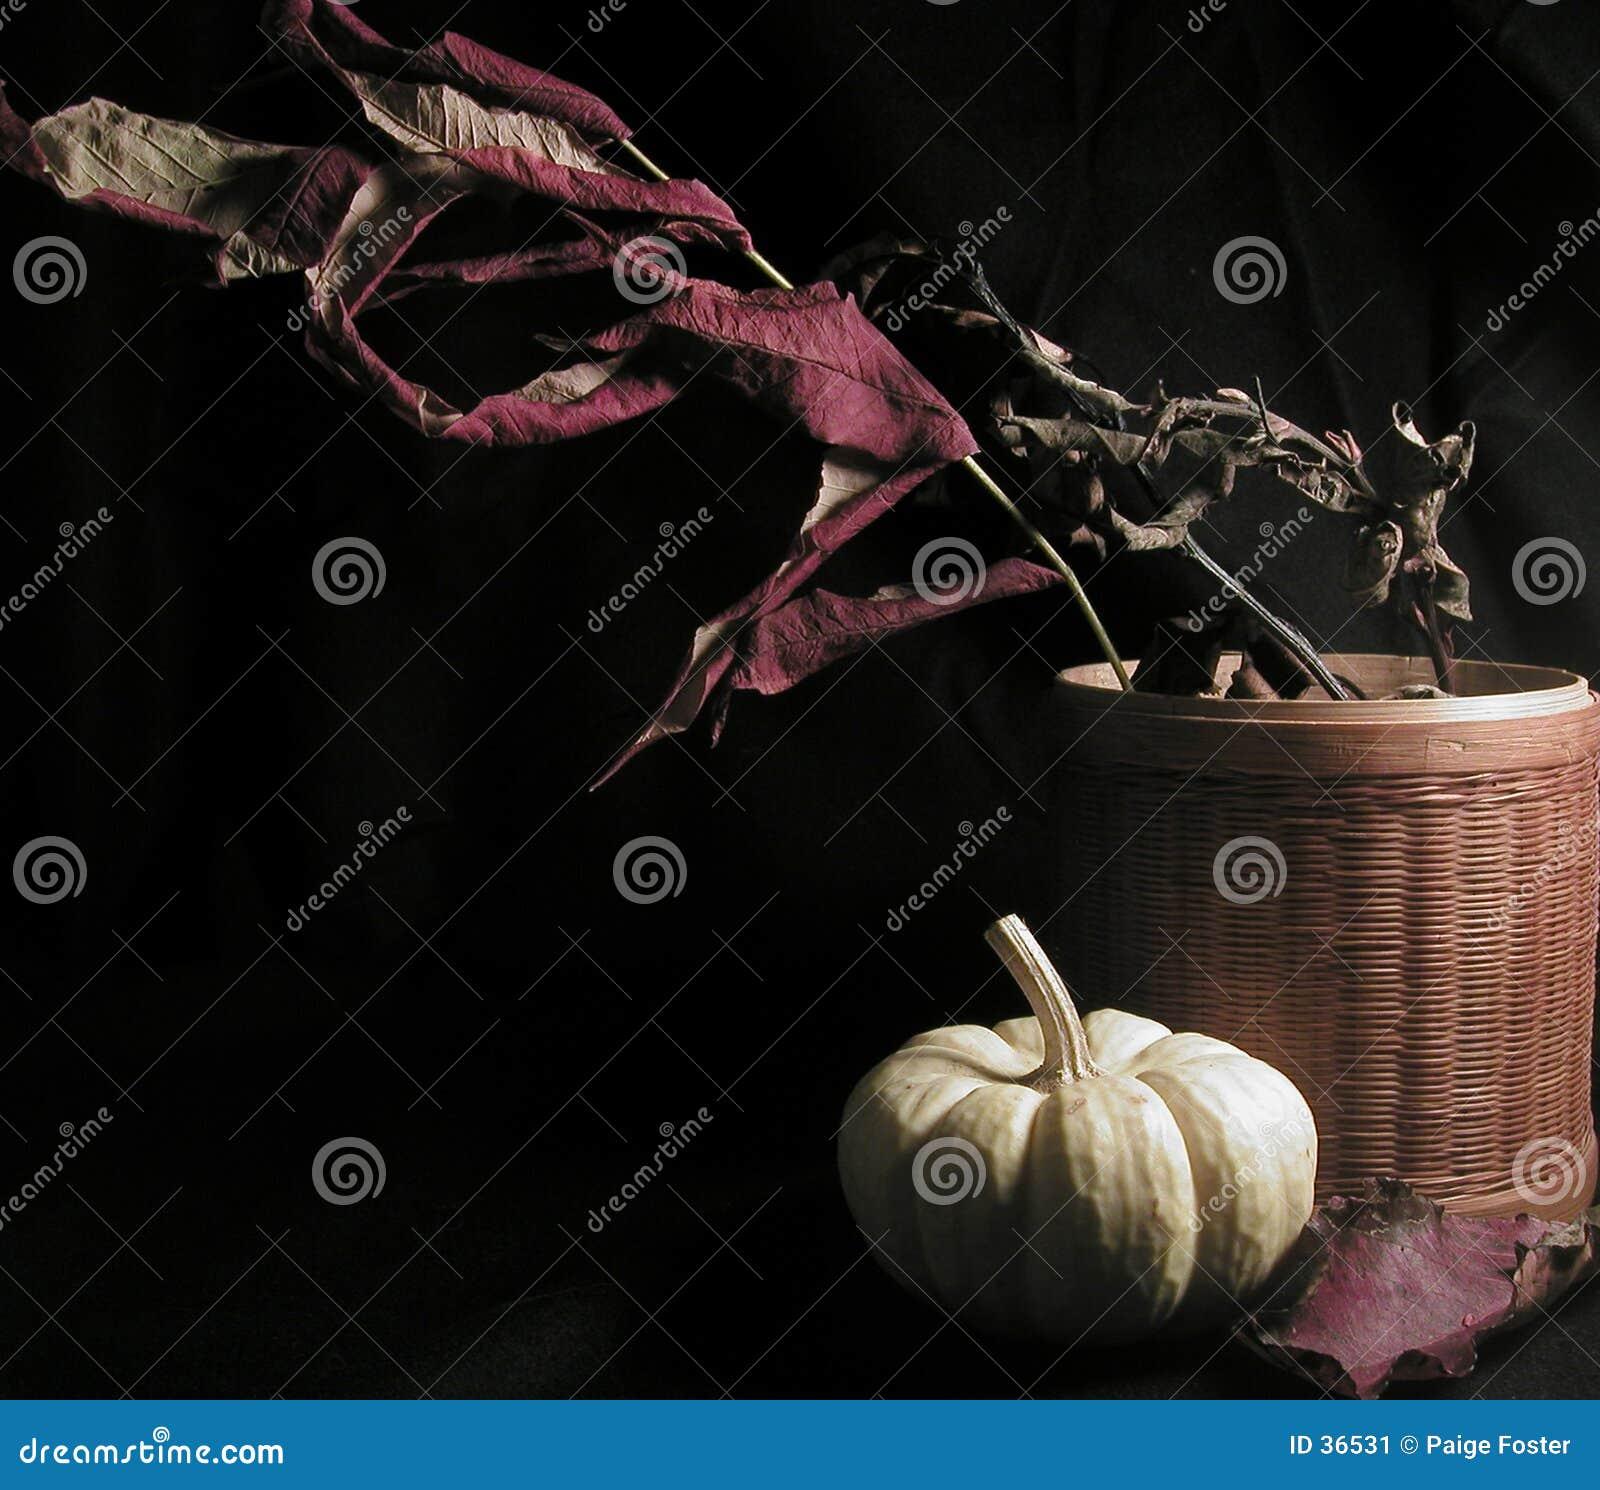 D automne toujours durée